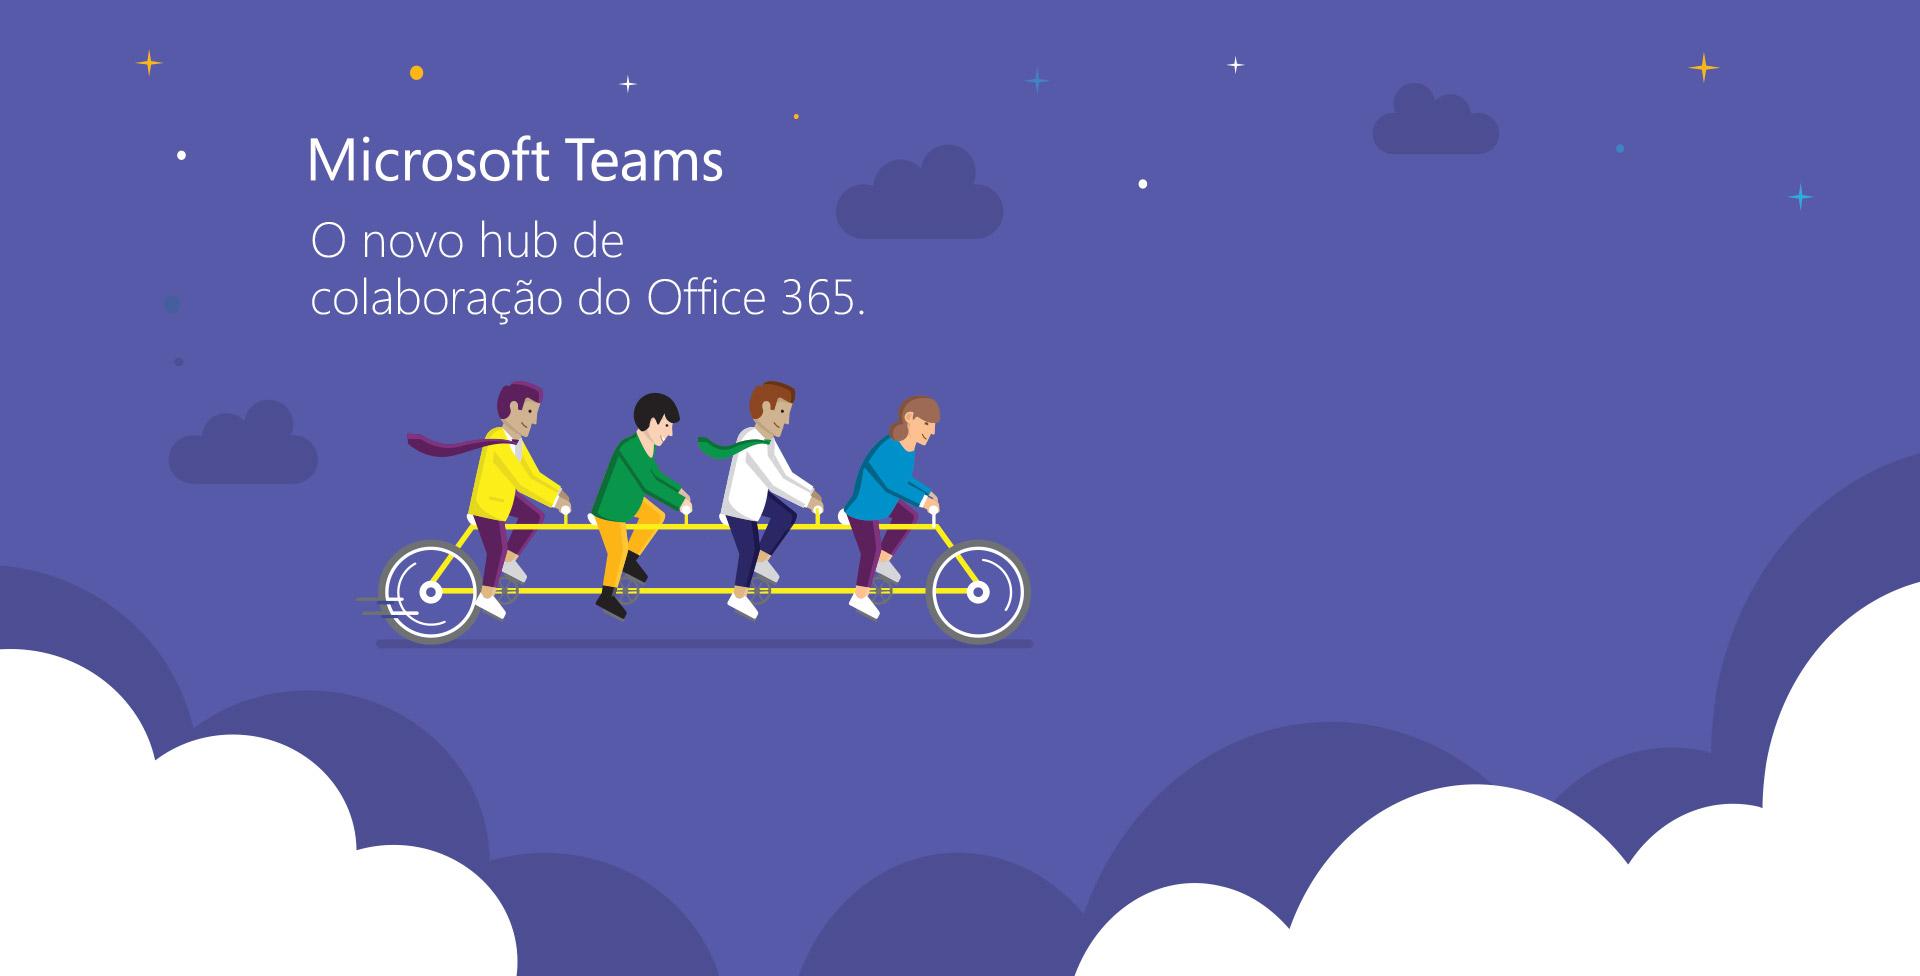 Peça de divulgação para evento Microsoft Teams